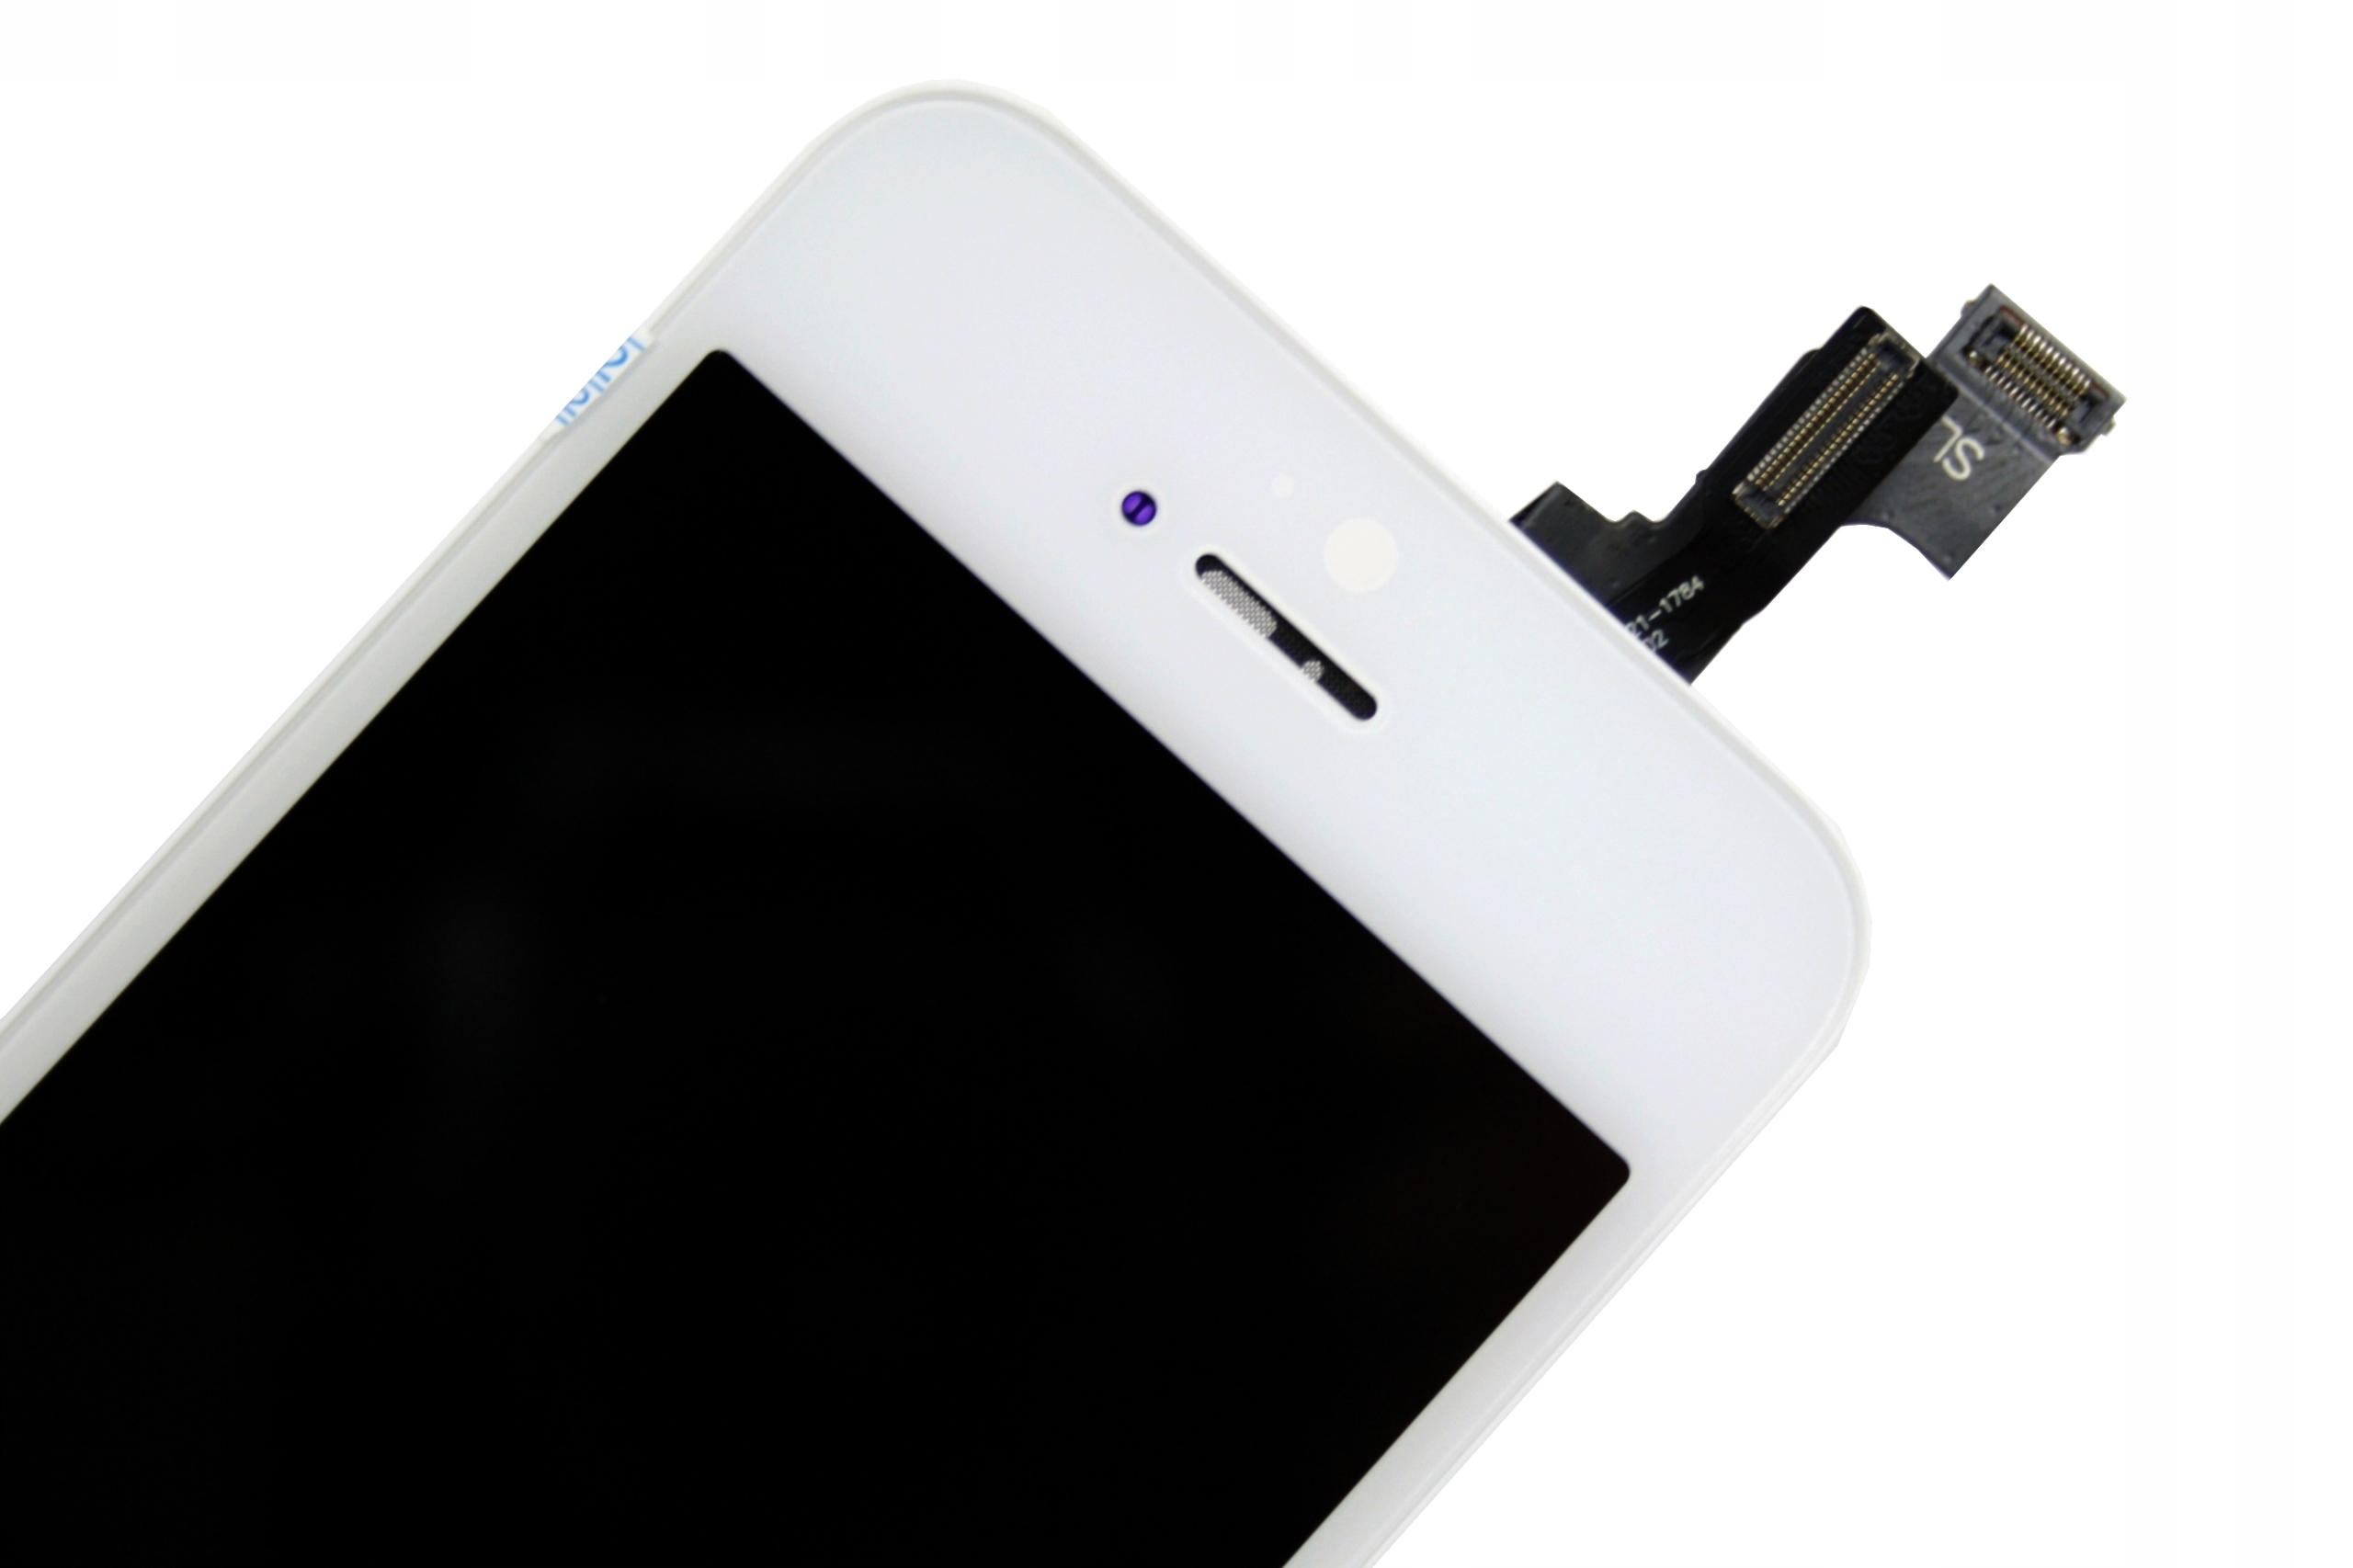 WYŚWIETLACZ Z DIGITIZEREM APPLE IPHONE 5S - Wyświetlacze z digitizerami do telefonów